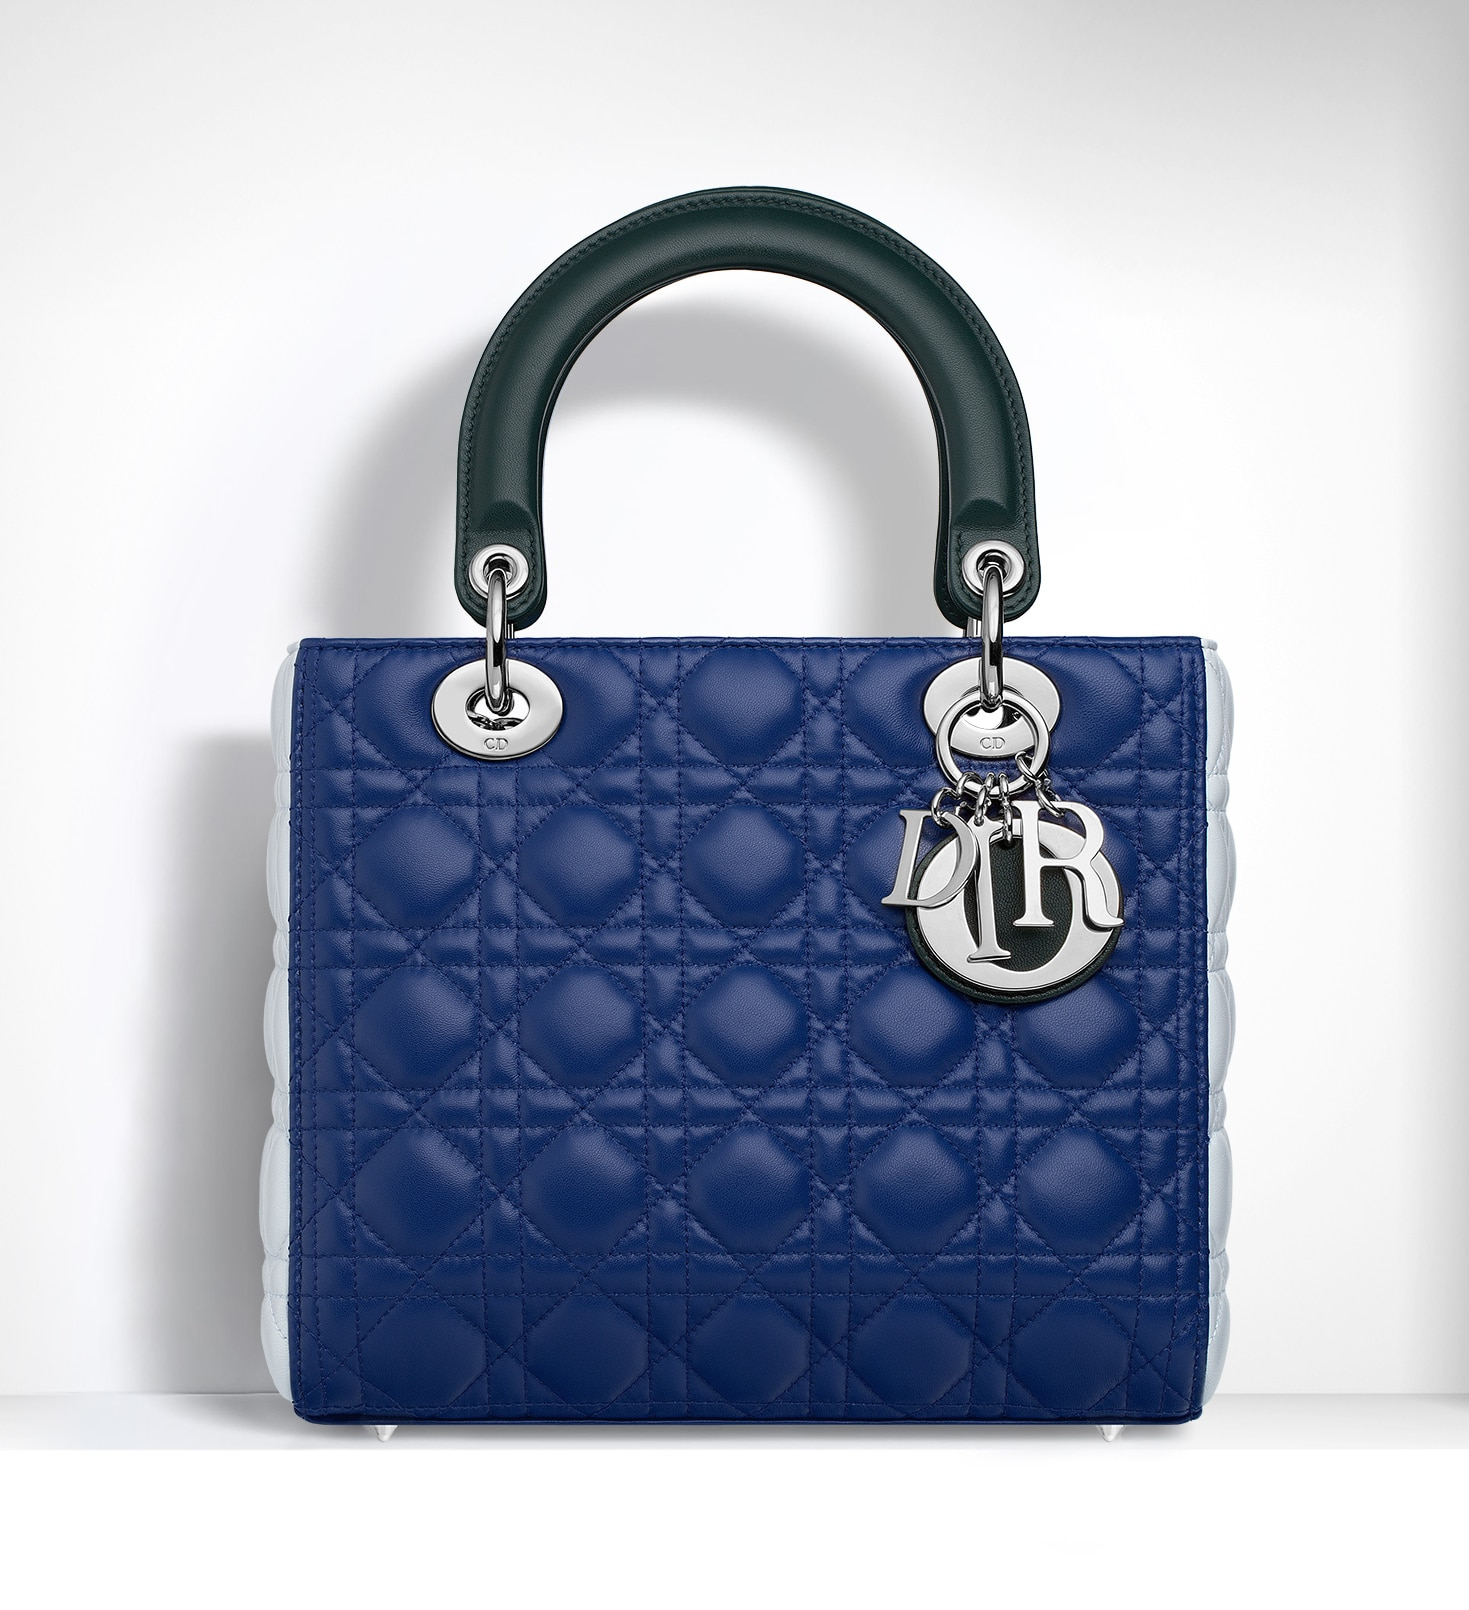 Dior Blue Celeste Deep Green Lady Dior Bag - Spring 2015 777758a0c1